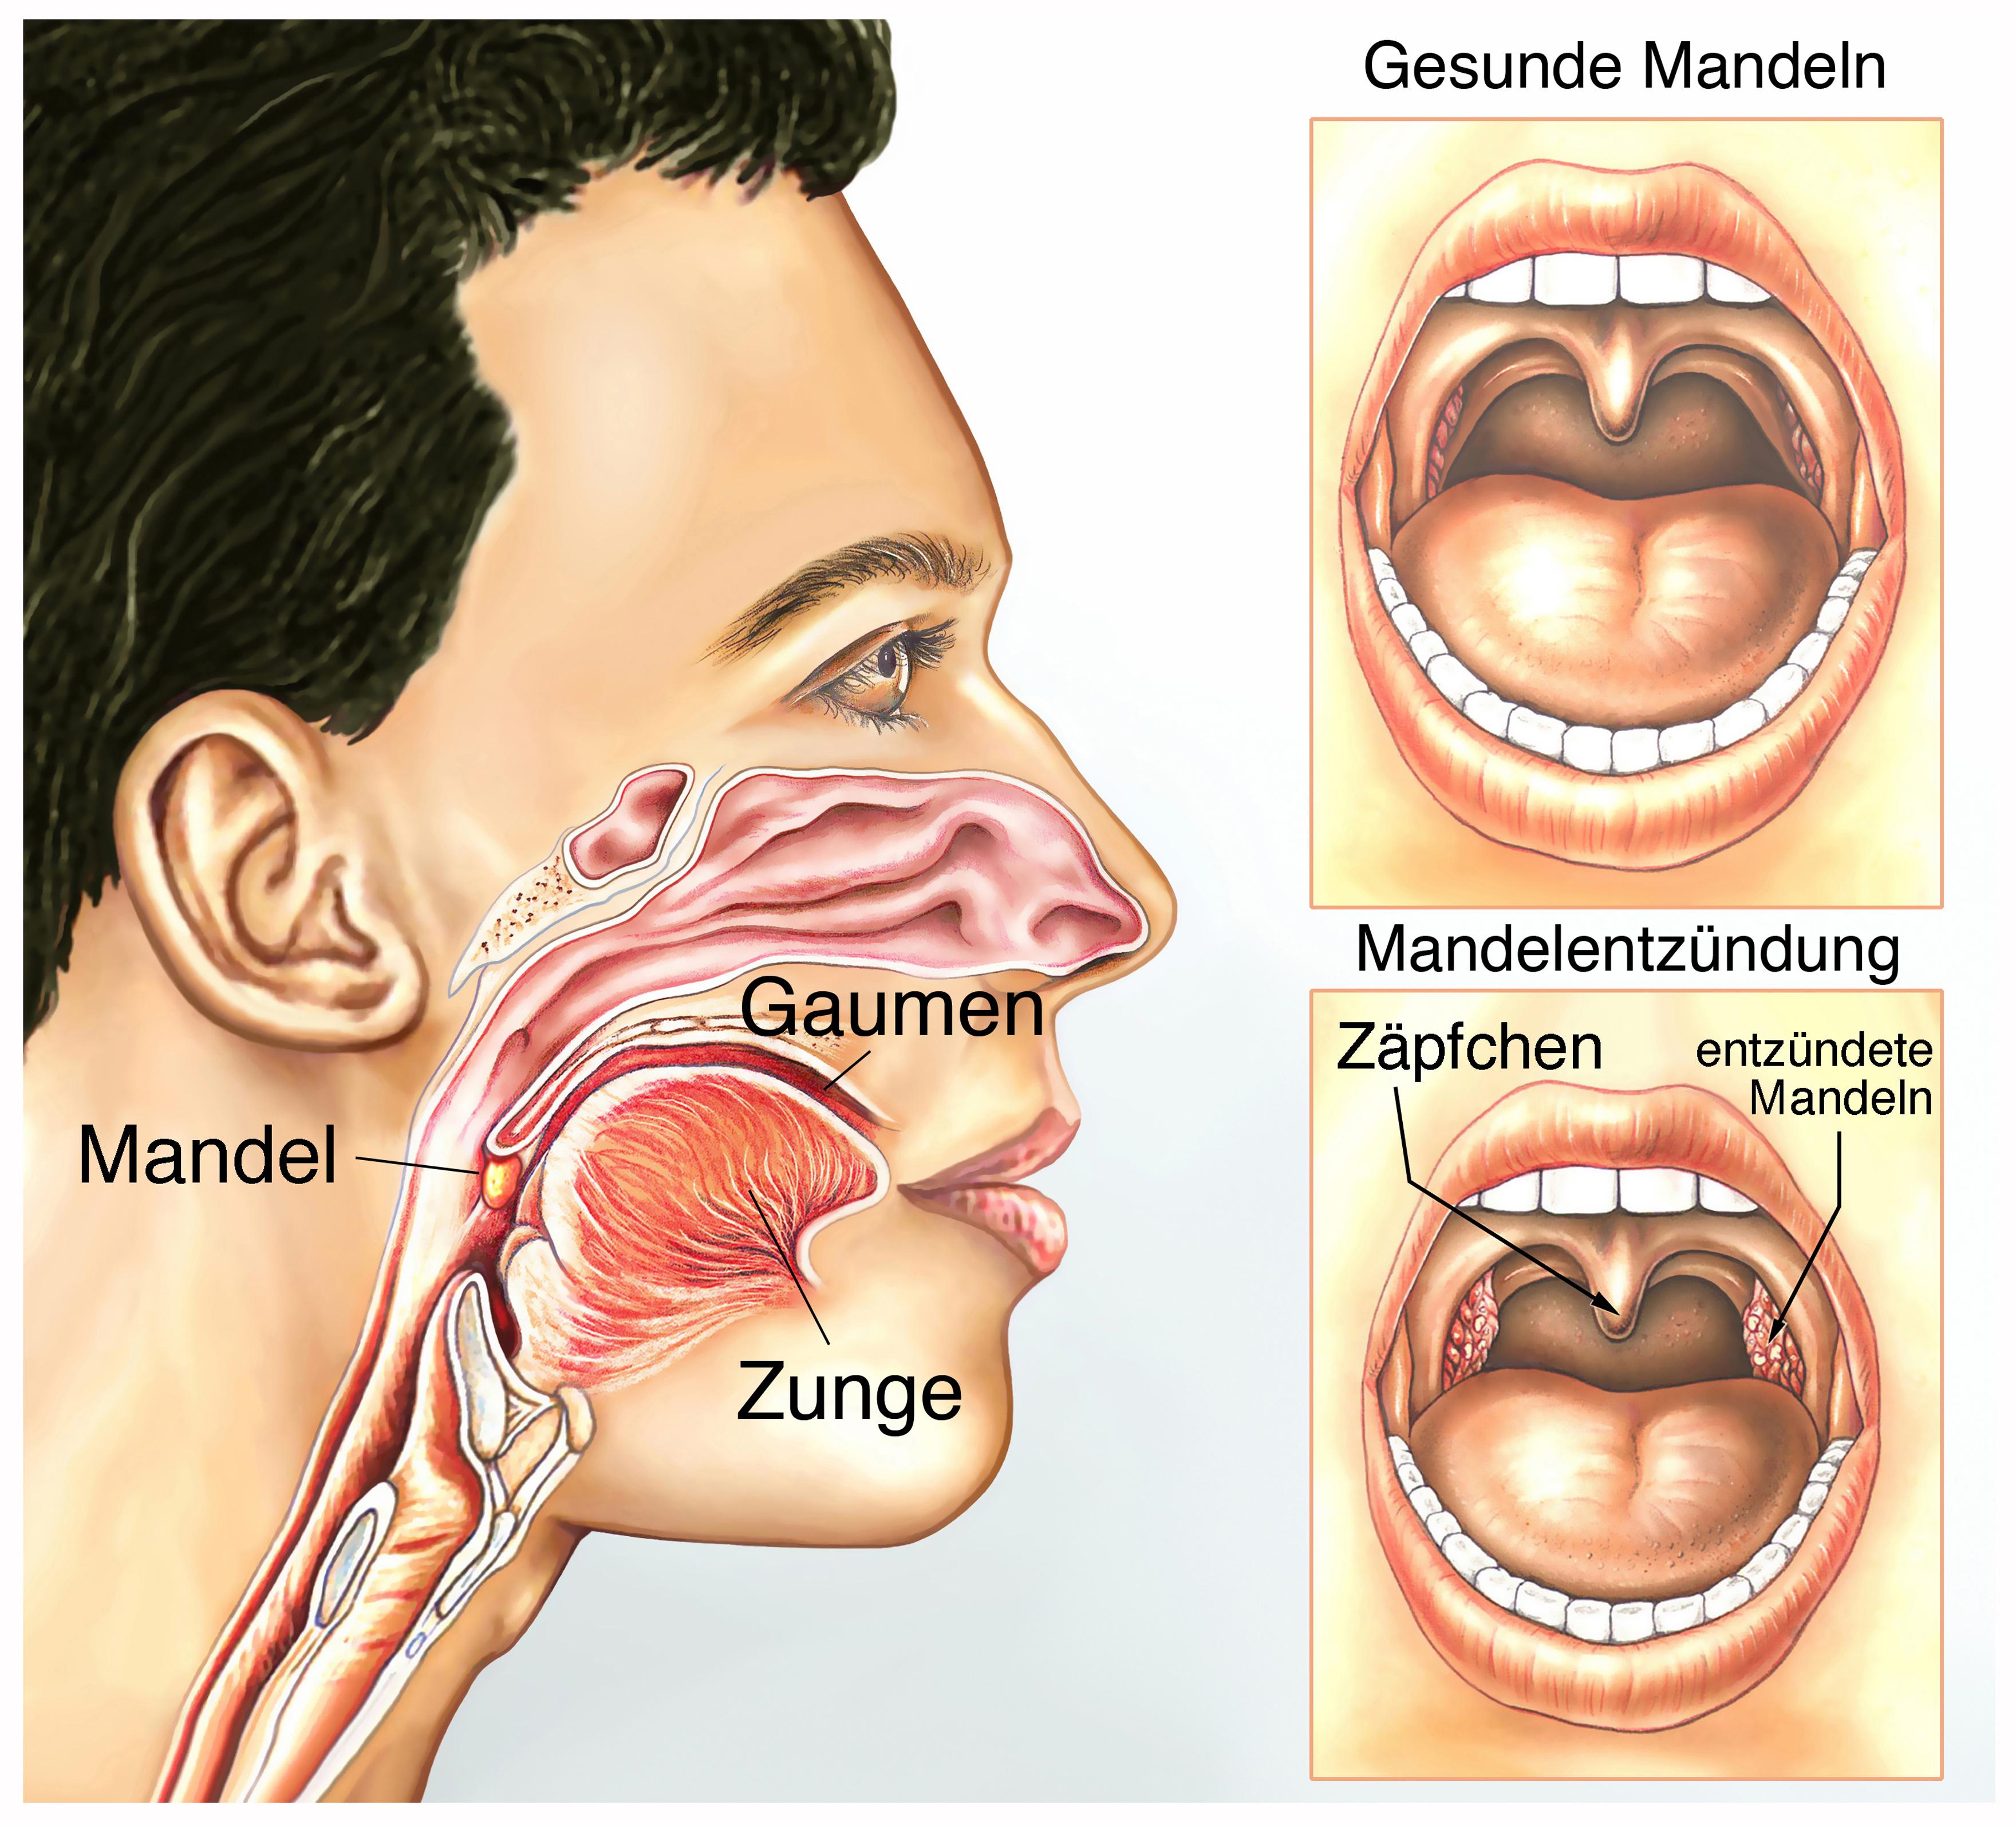 Sehnenscheidenentzündung (Tendovaginitis) --> Symptome, Verlauf ect